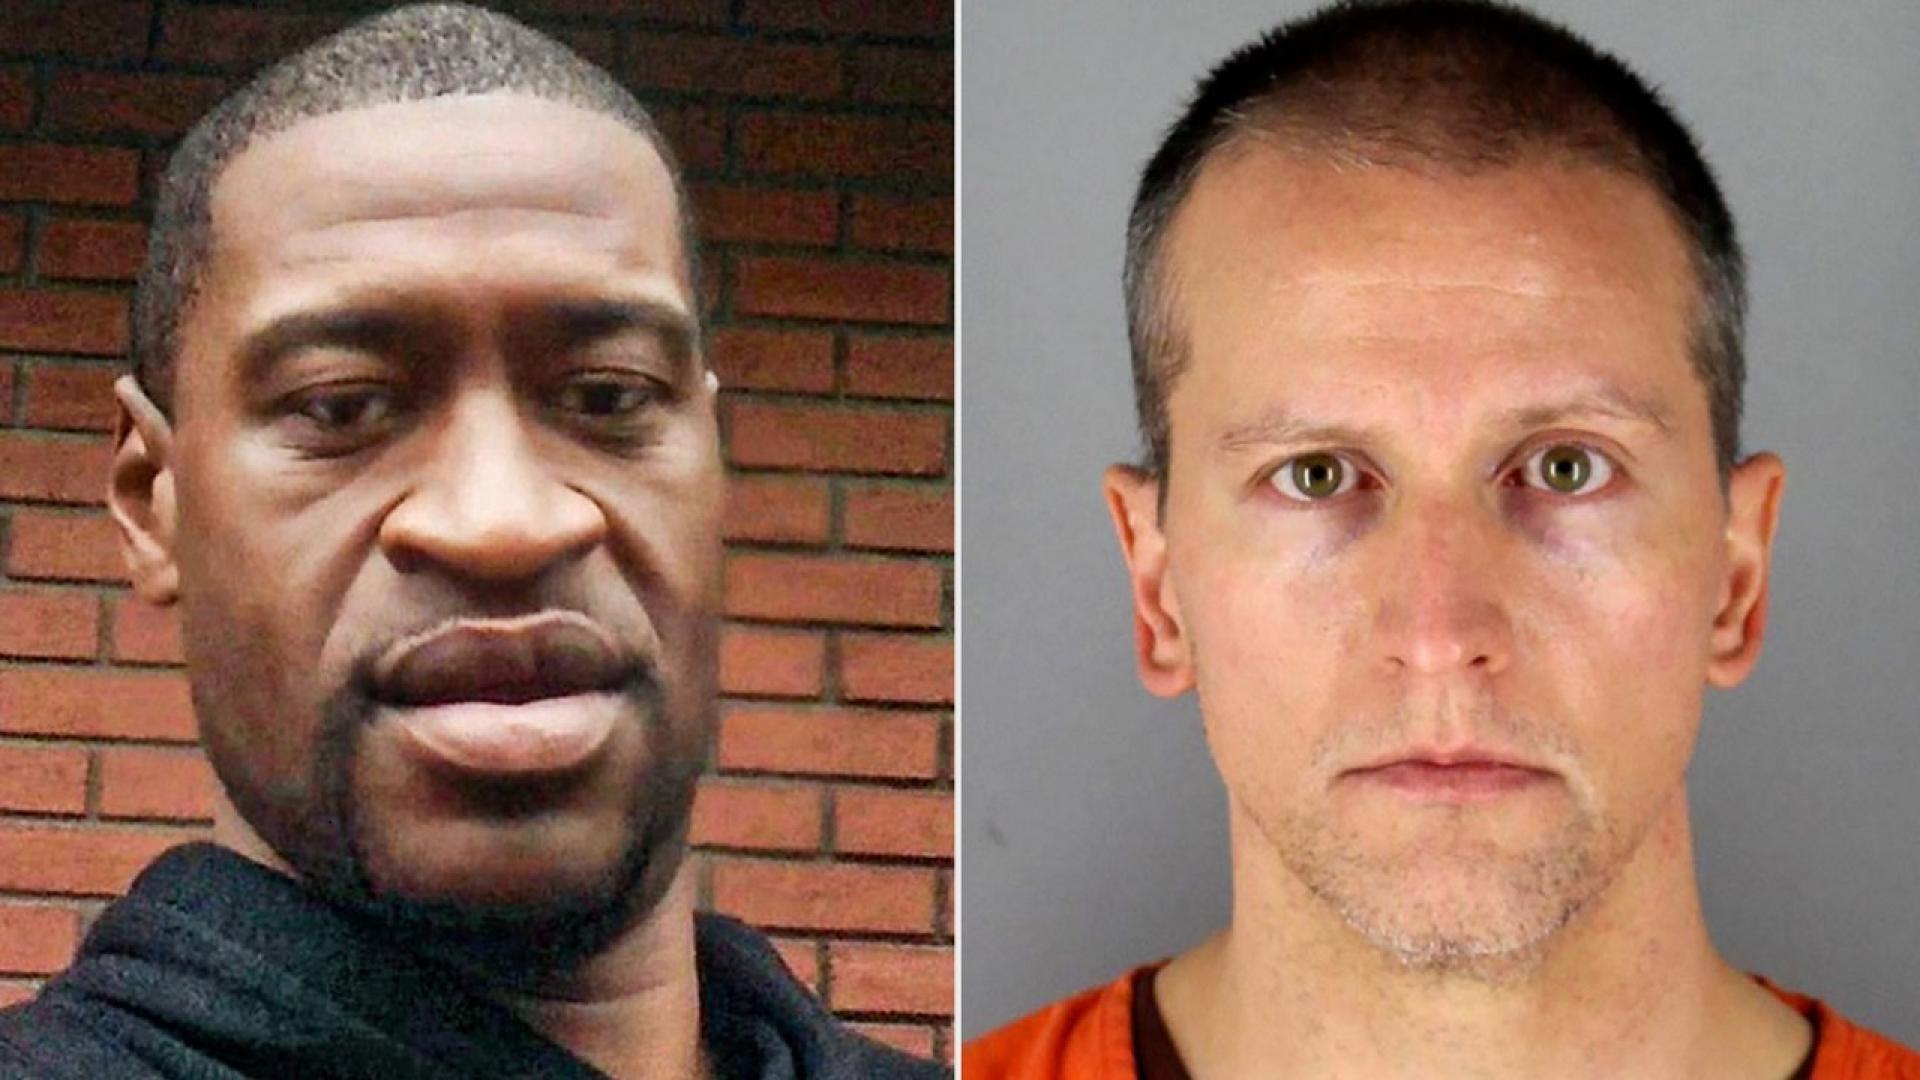 Derek Chauvin's murder trial is scheduled to begin Monday.